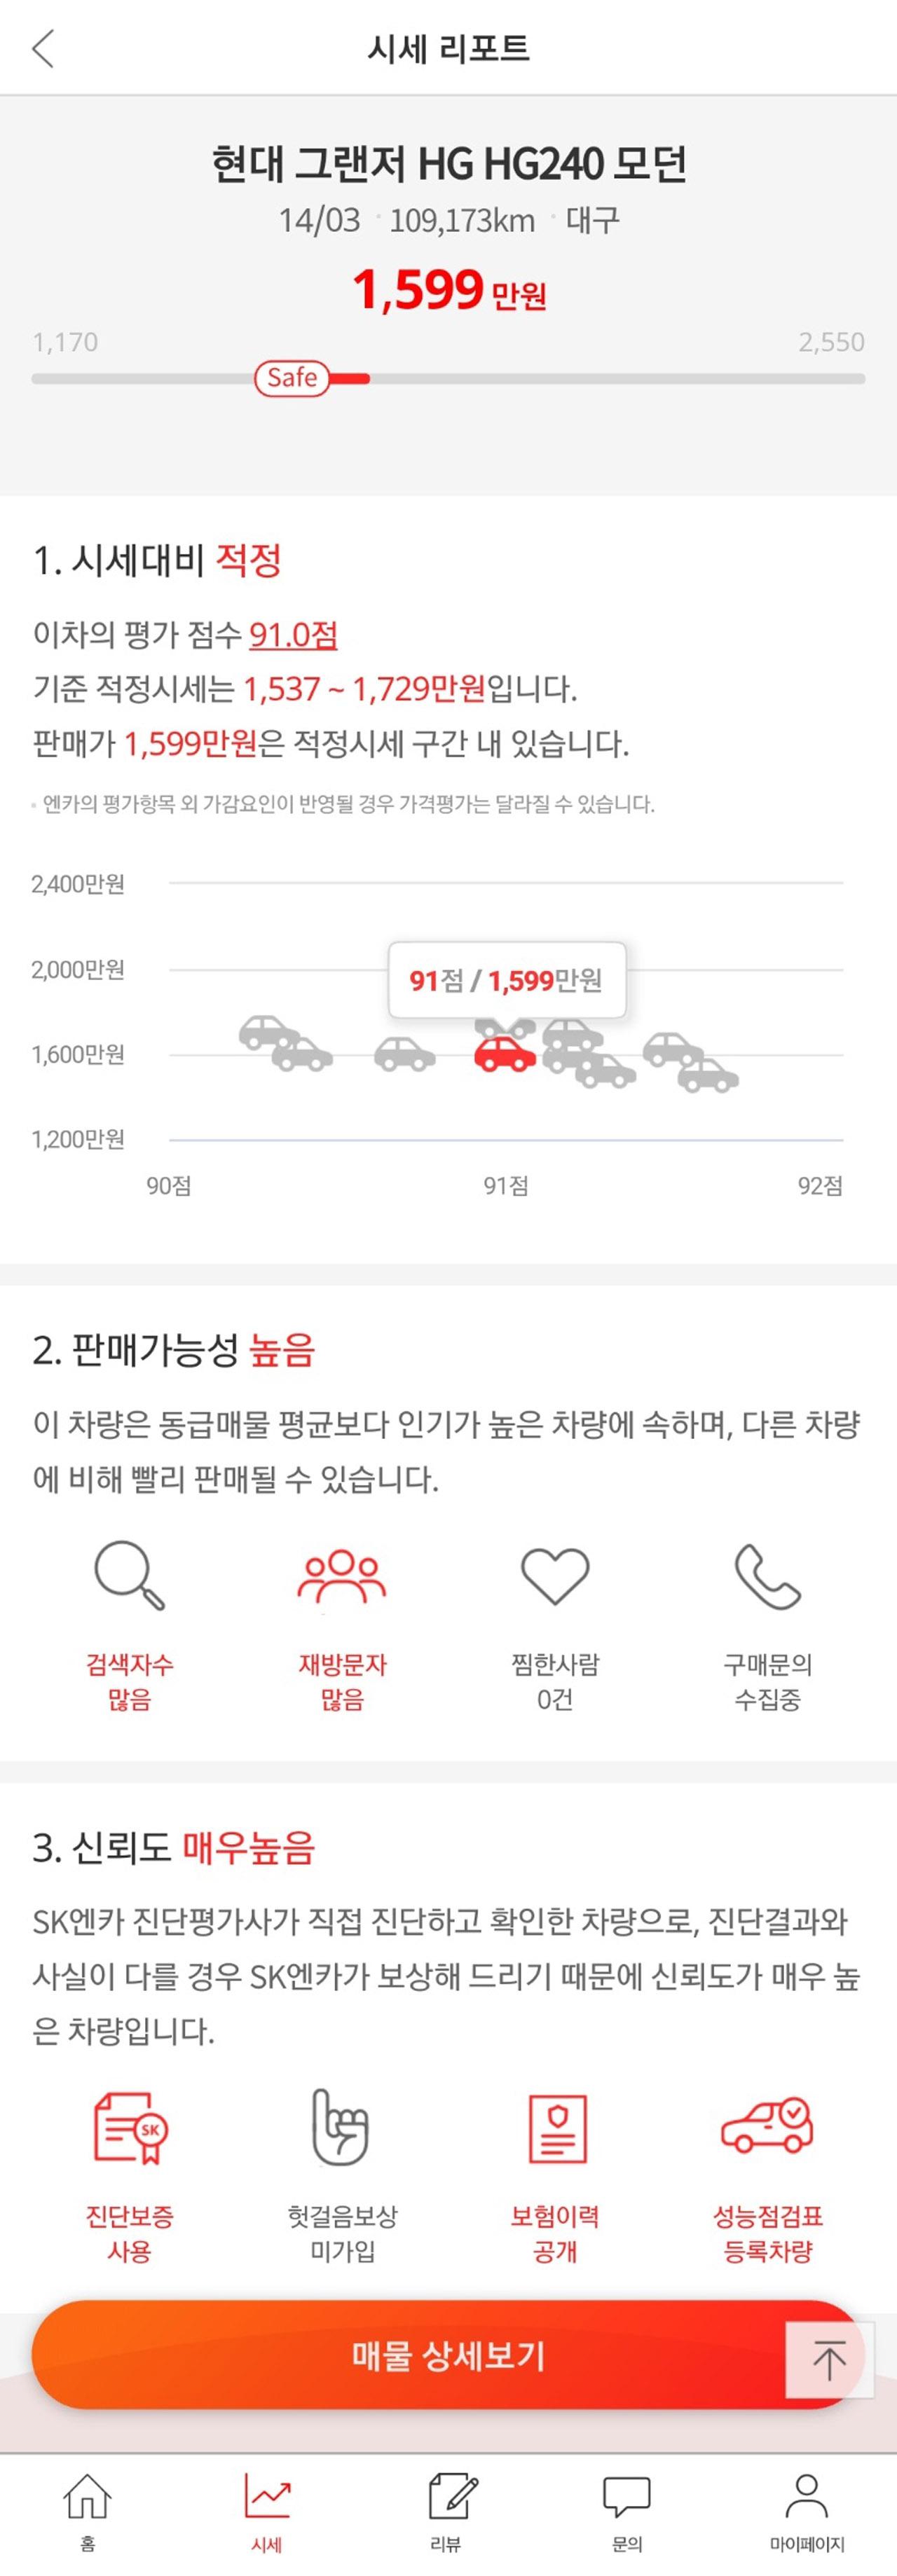 [참고 이미지2] SK엔카닷컴 모바일 시세